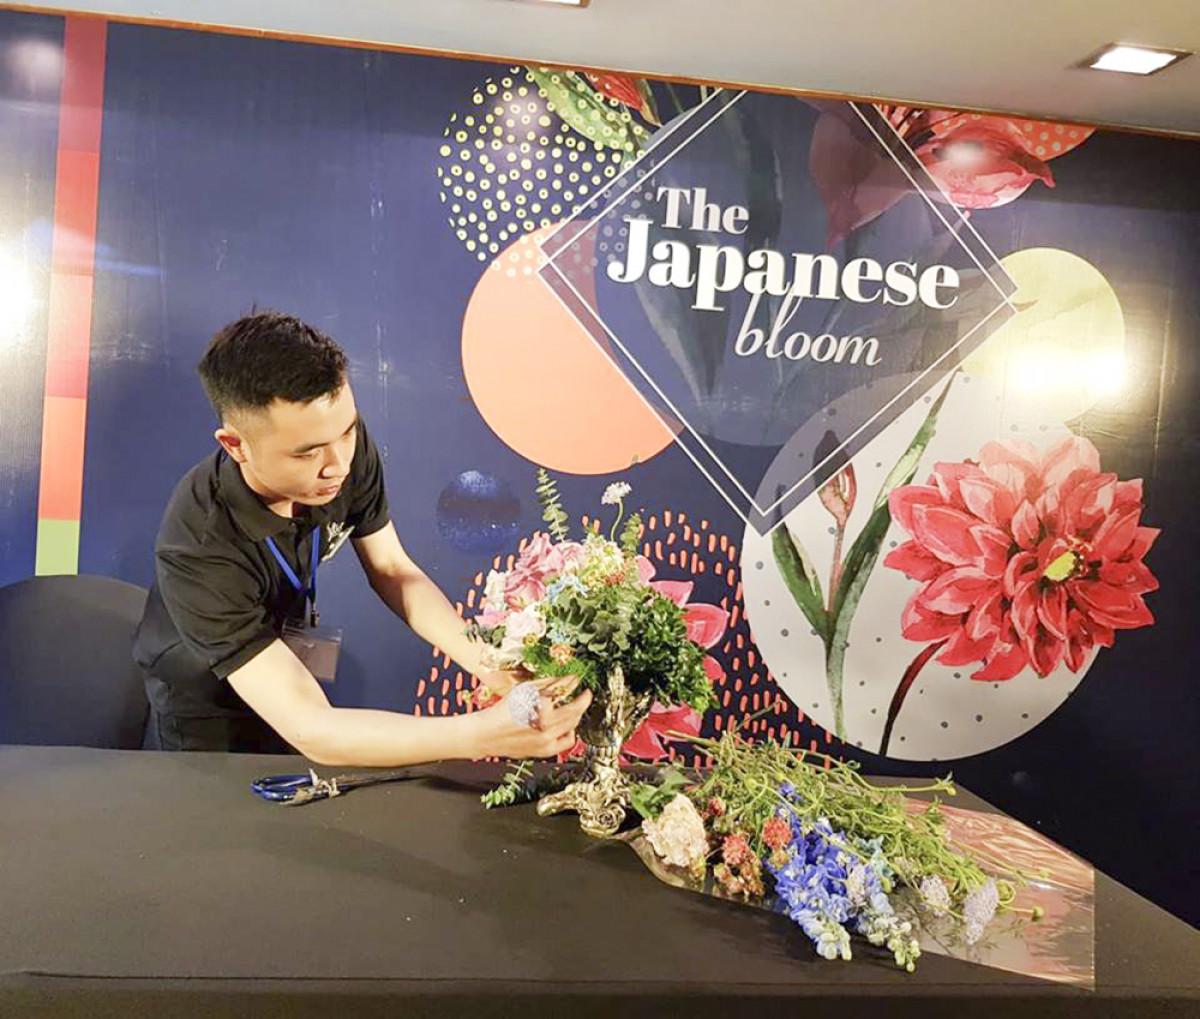 Những tác phẩm được trưng bày tại triển lãm được áp dụng kỹ thuật cắm hoa hiện đại, sáng tạo, mang đến nhiều bất ngờ, thú vị.